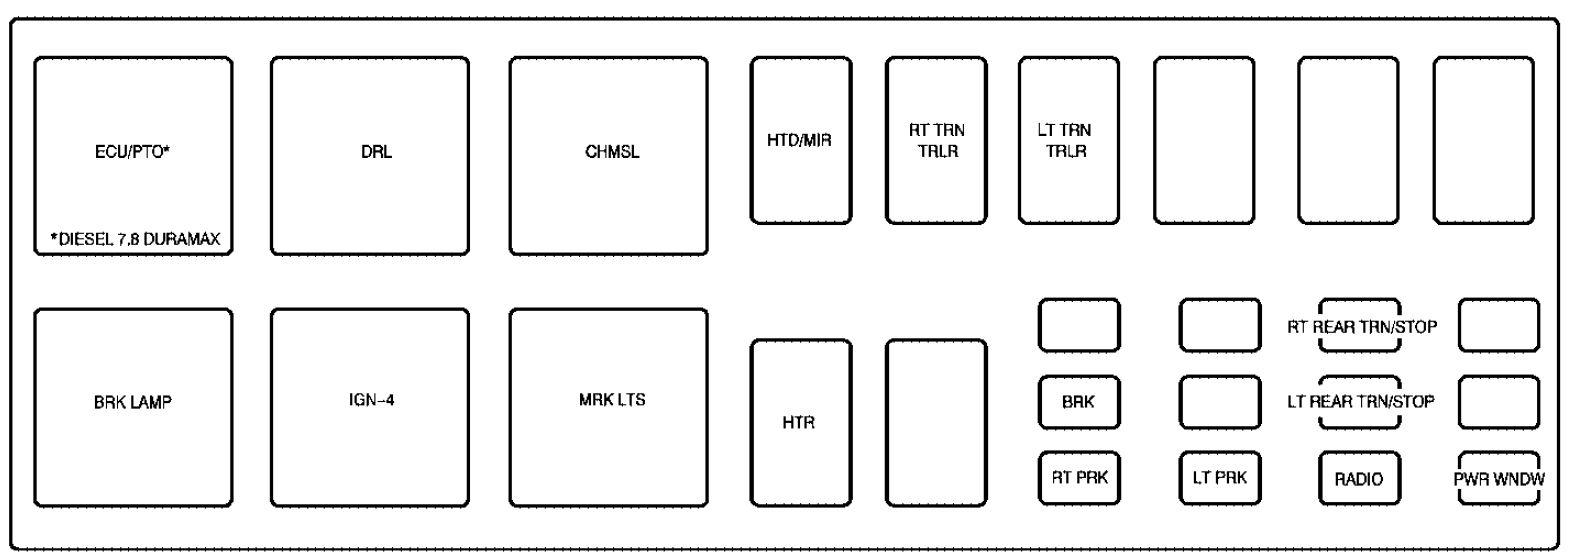 gmc c7500 fuse box diagram